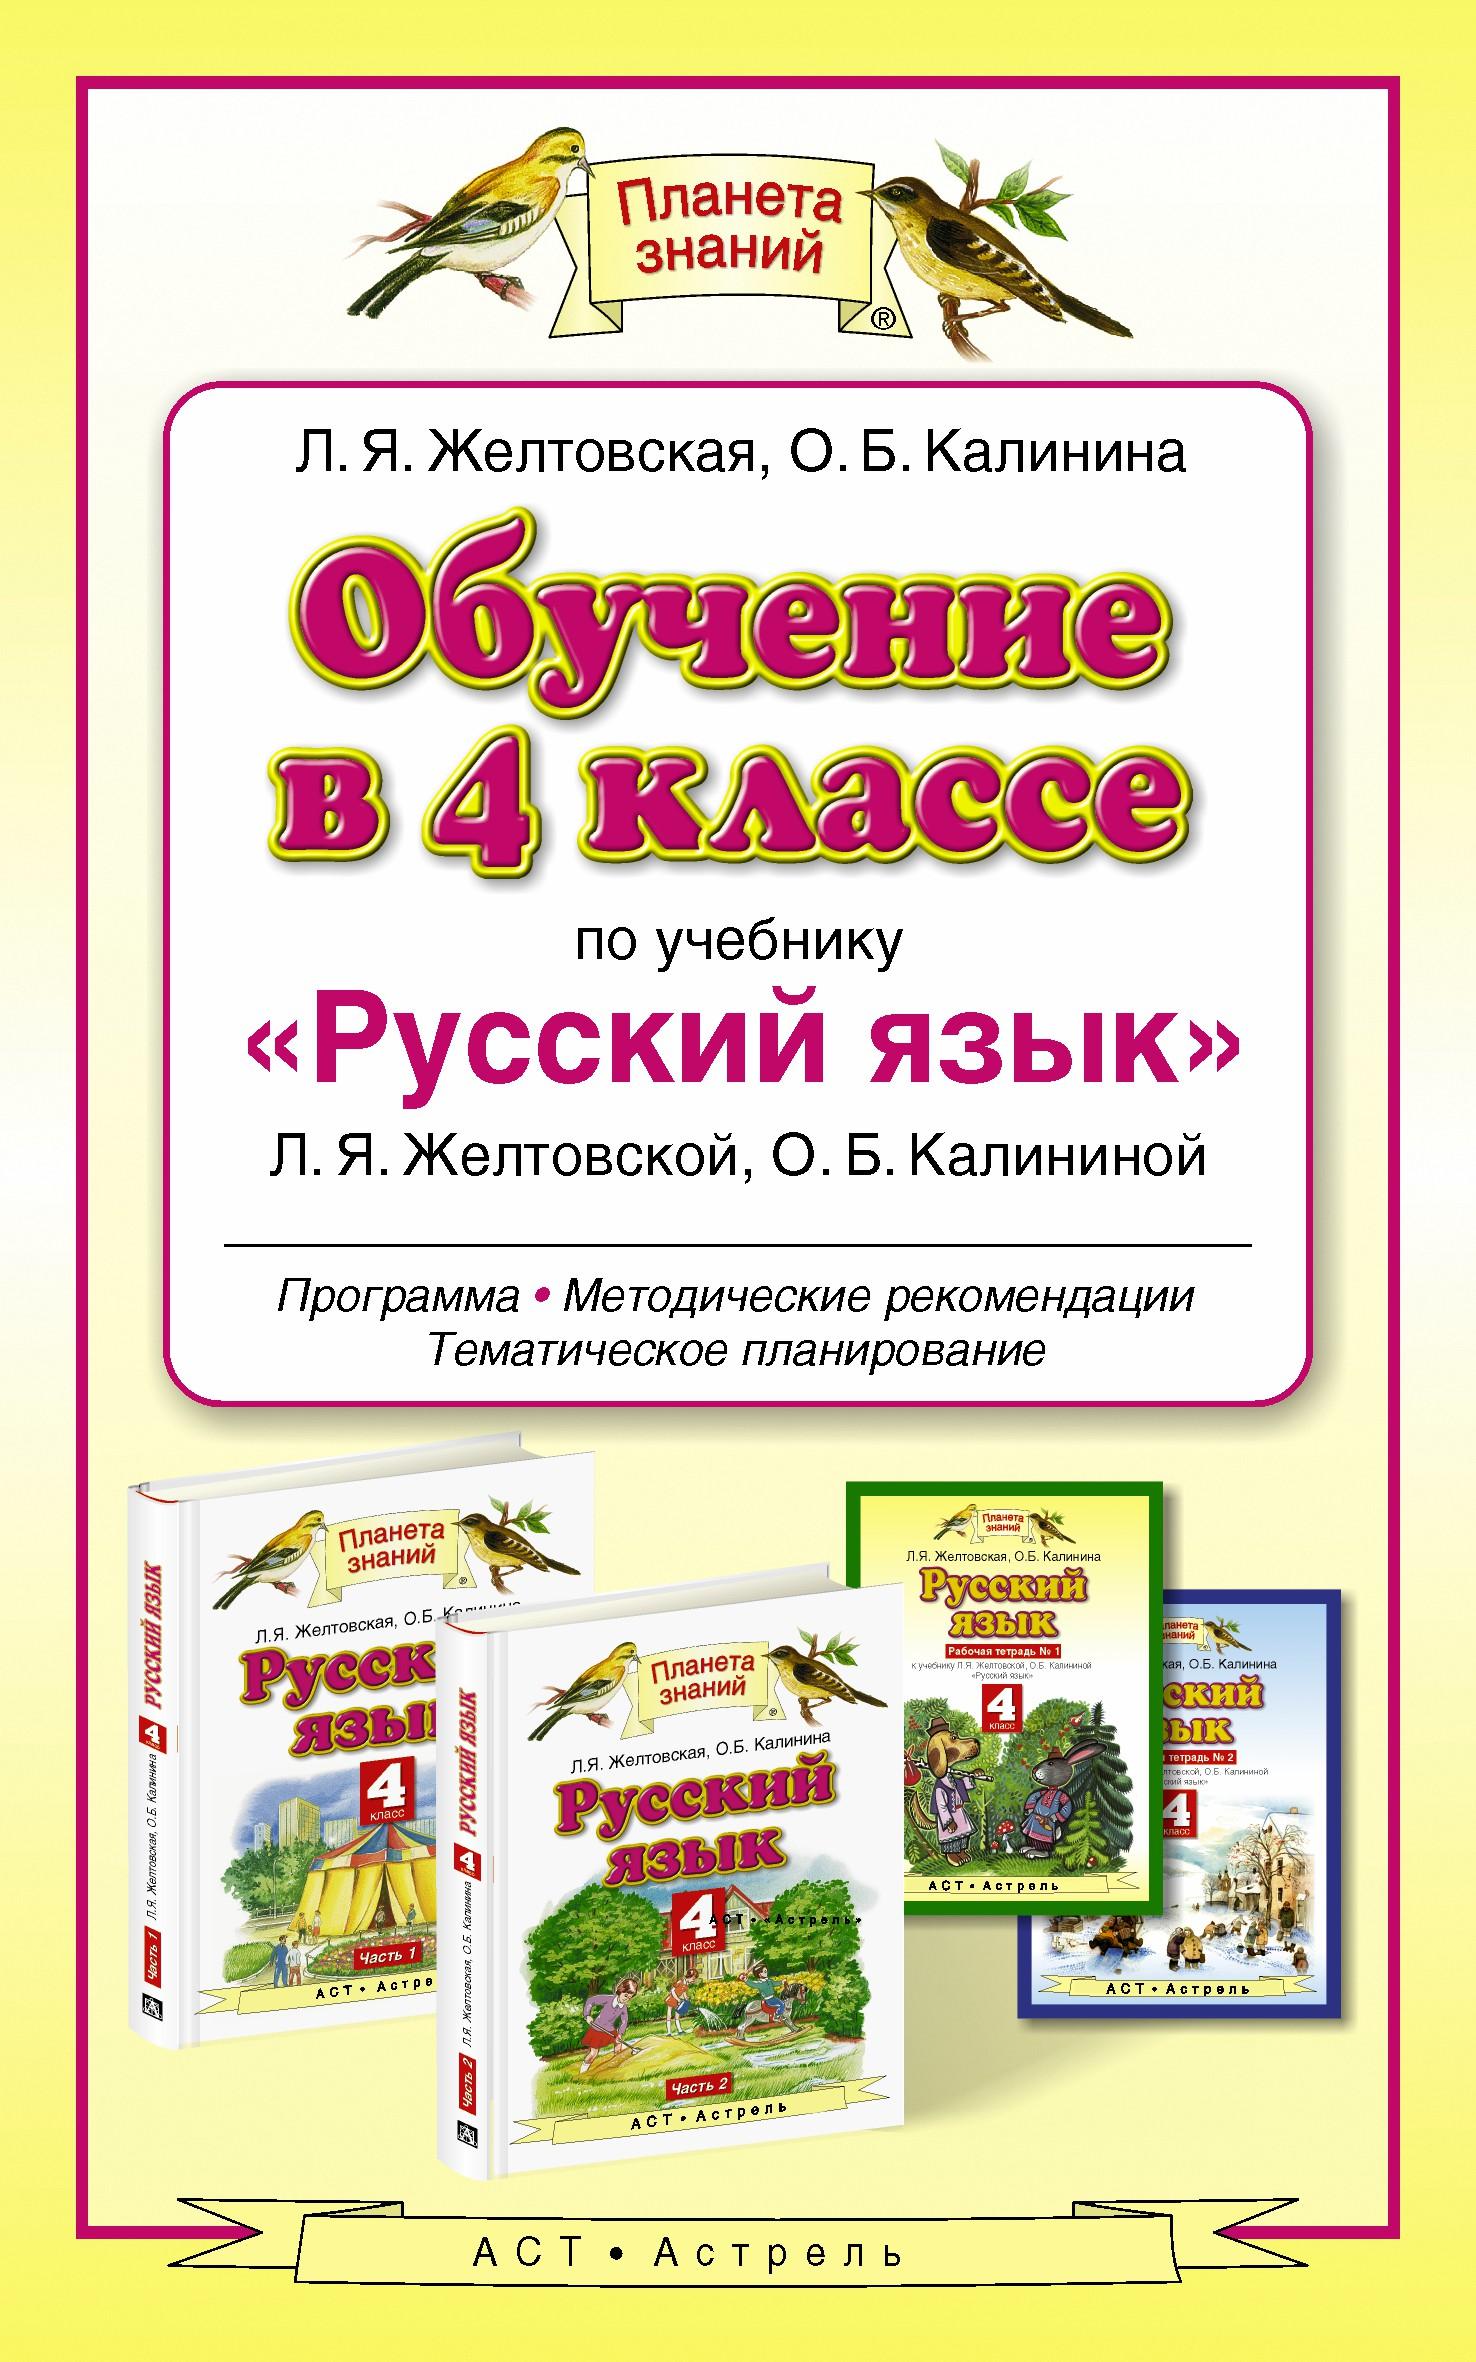 Обучение в 4 классе по учебнику «Русский язык». Методическое пособие